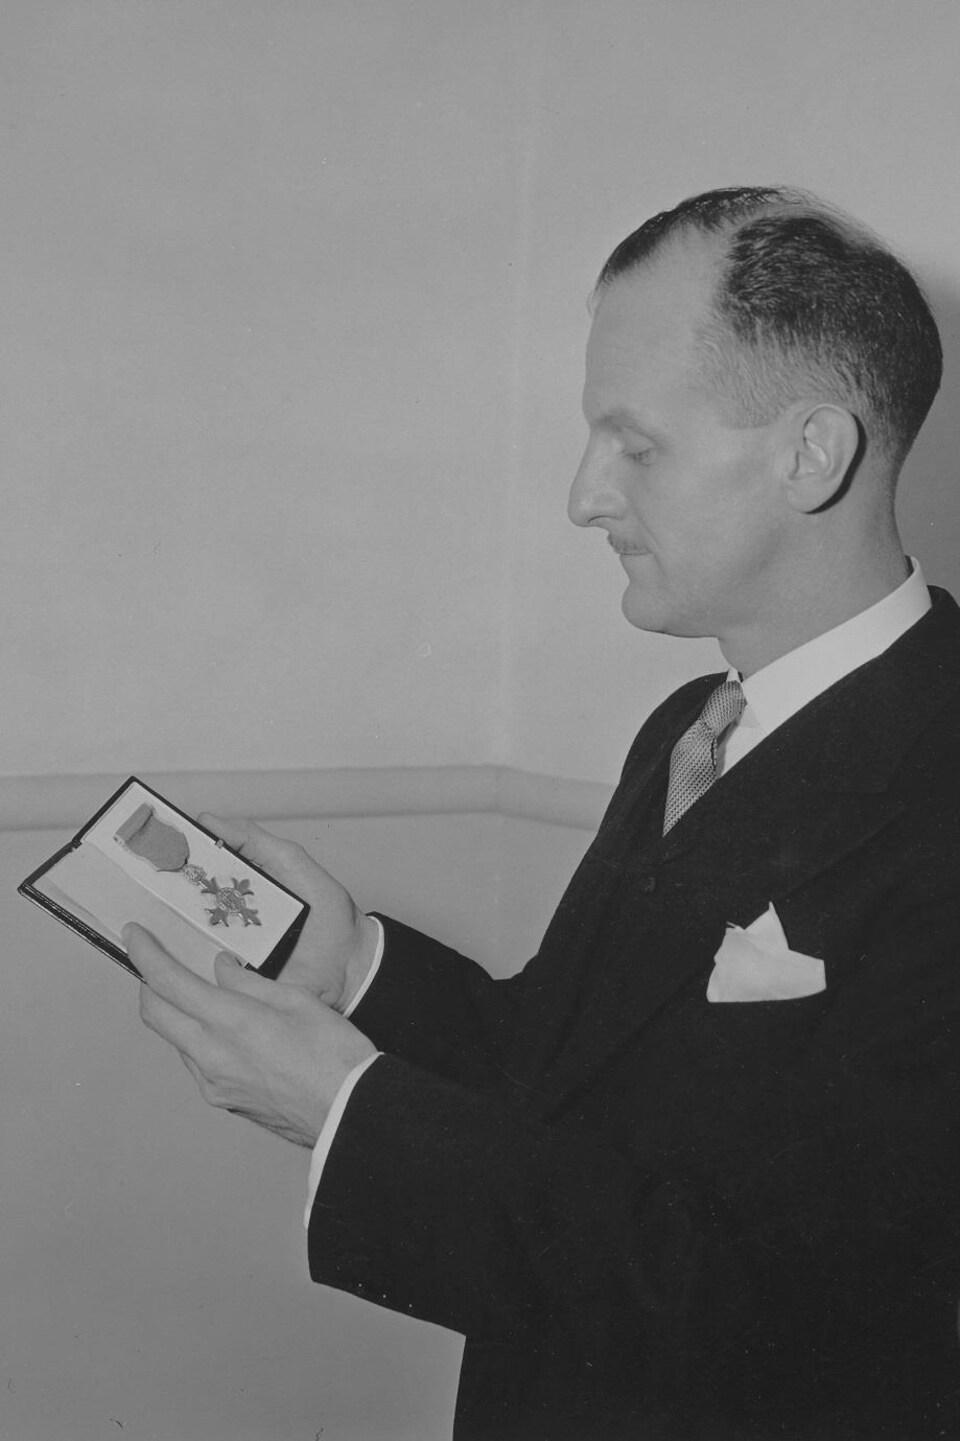 Marcel Ouimet pose en regardant son insigne de l'Ordre de l'Empire britannique placé dans un coffret.